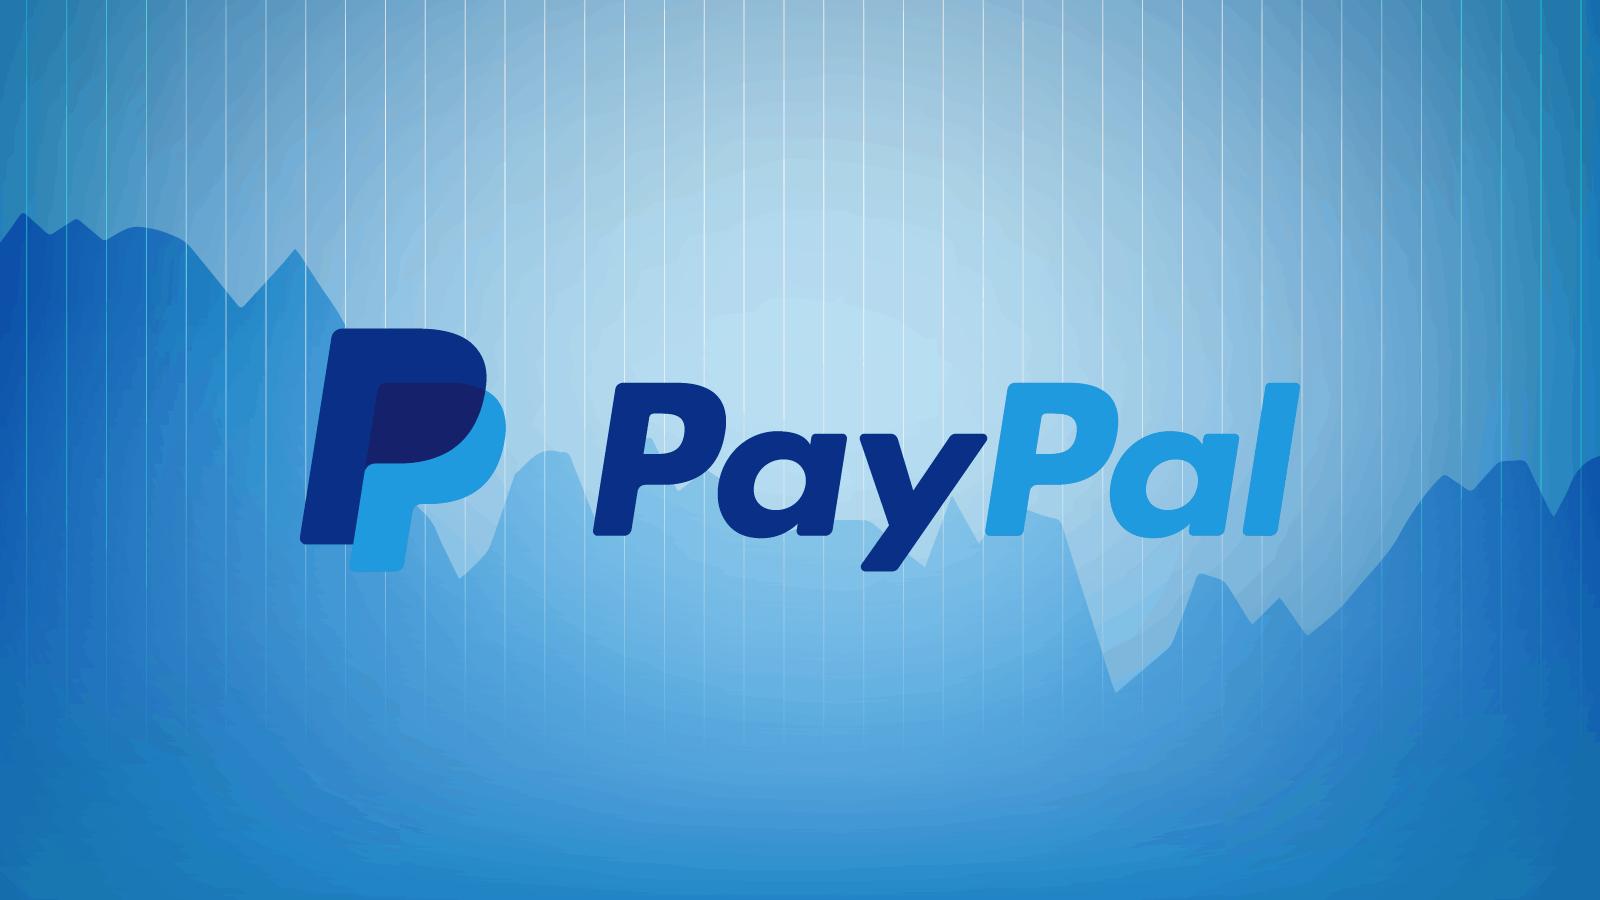 كل ما تريد معرفته عن الدفع الإلكتروني عبر البايبال Paypal وكيفية استخدامه